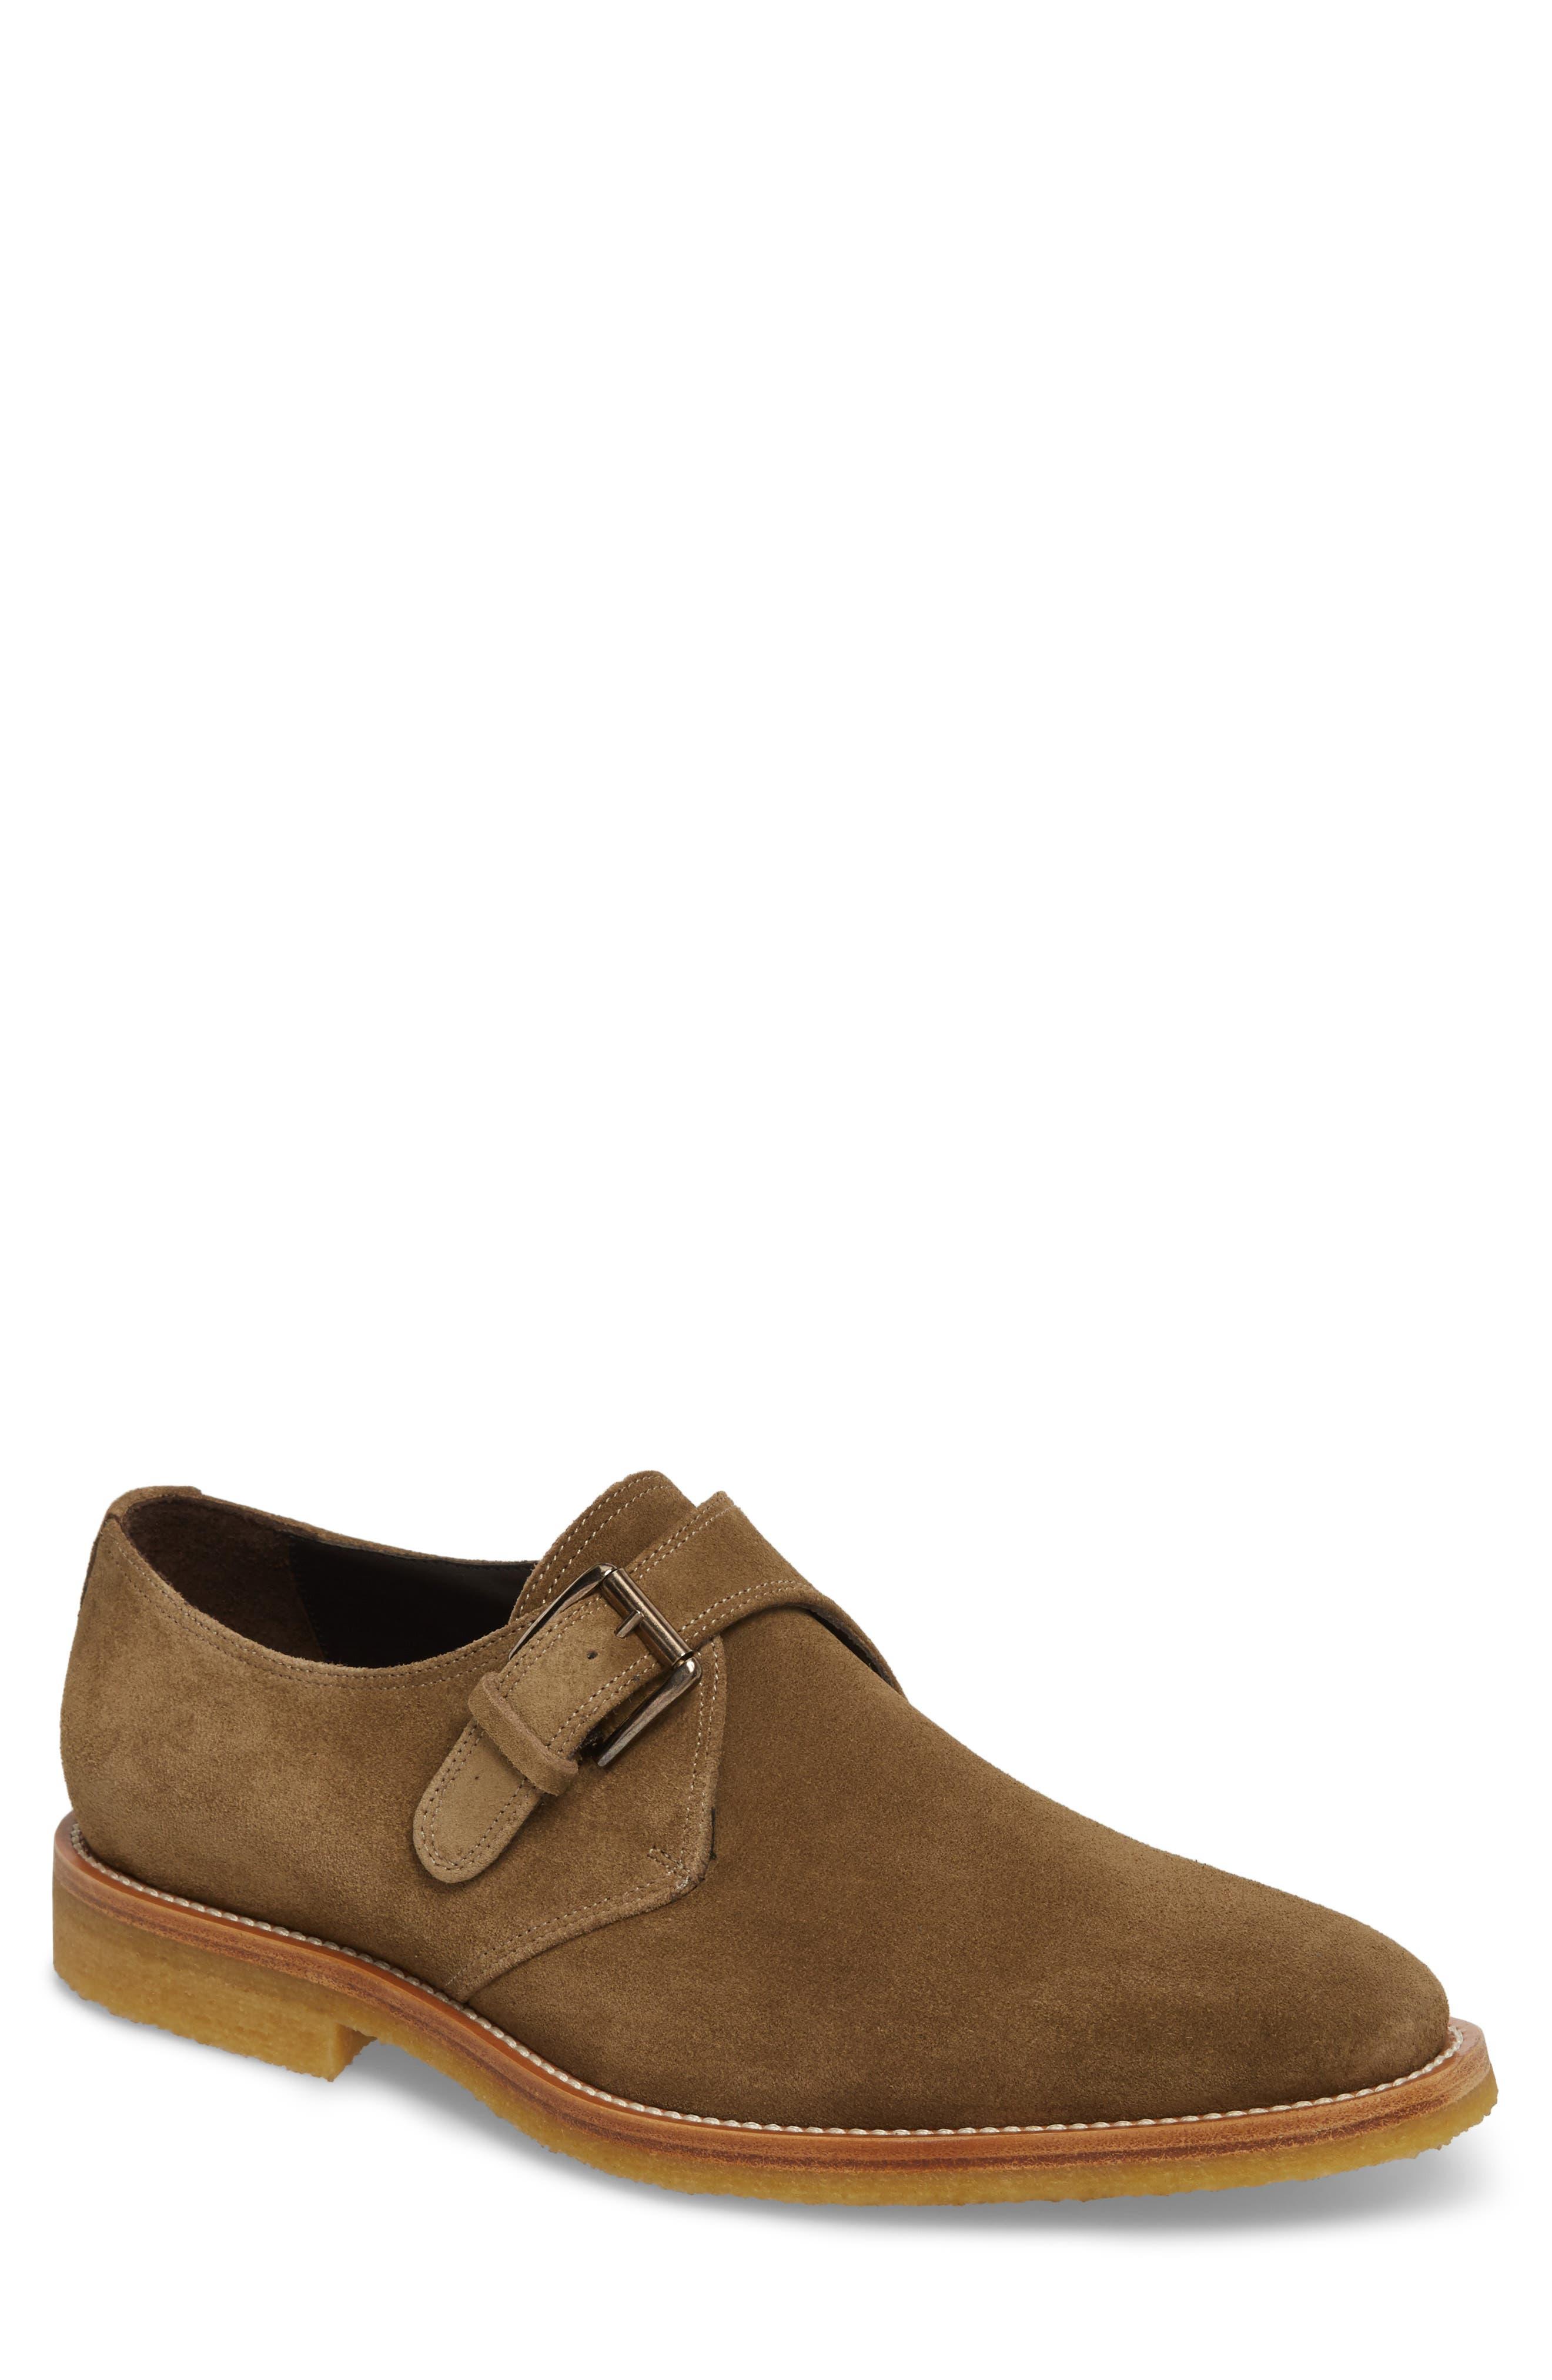 Baldwin Plain Toe Monk Shoe,                         Main,                         color, Taupe Suede